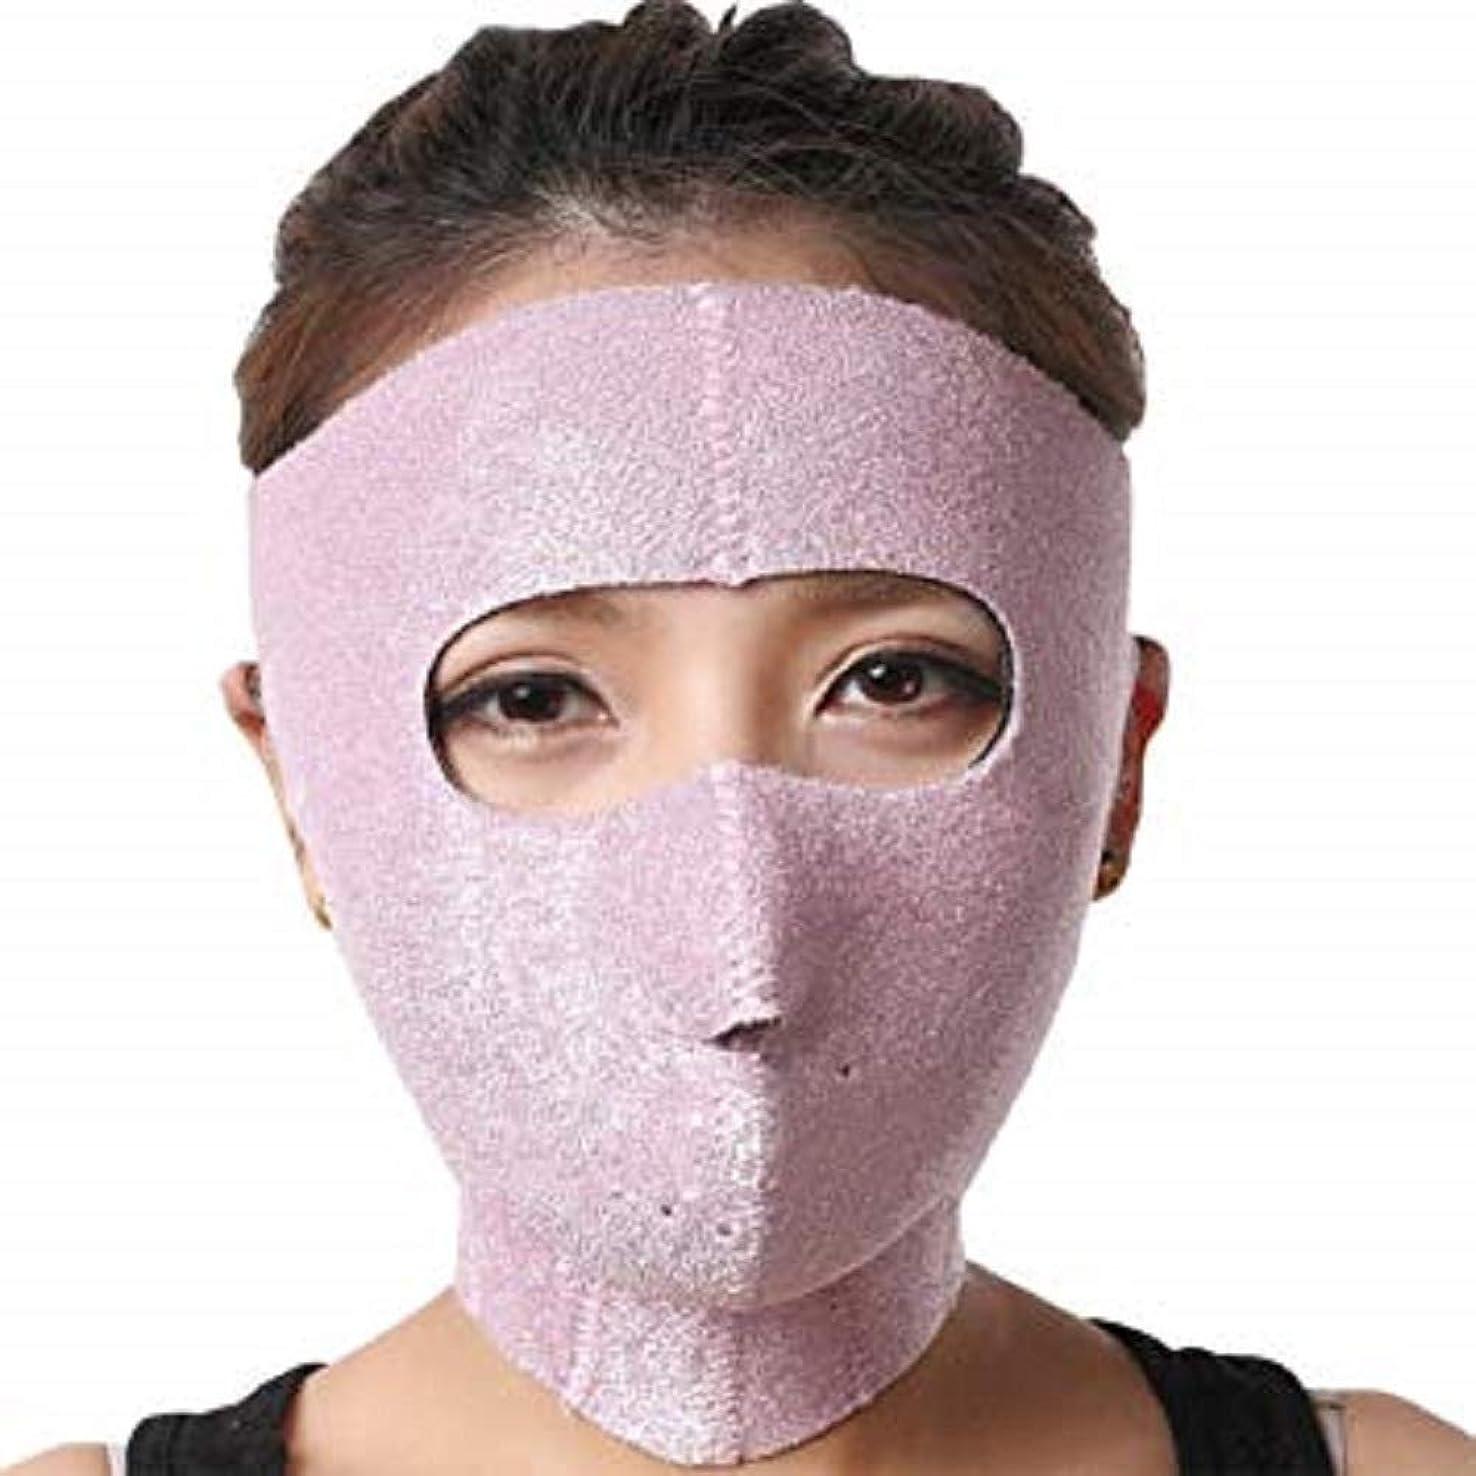 テレビコークス締め切りリタプロショップ? 小顔矯正 3Dマスク 発汗 サウナ フェイスライン 引き締め